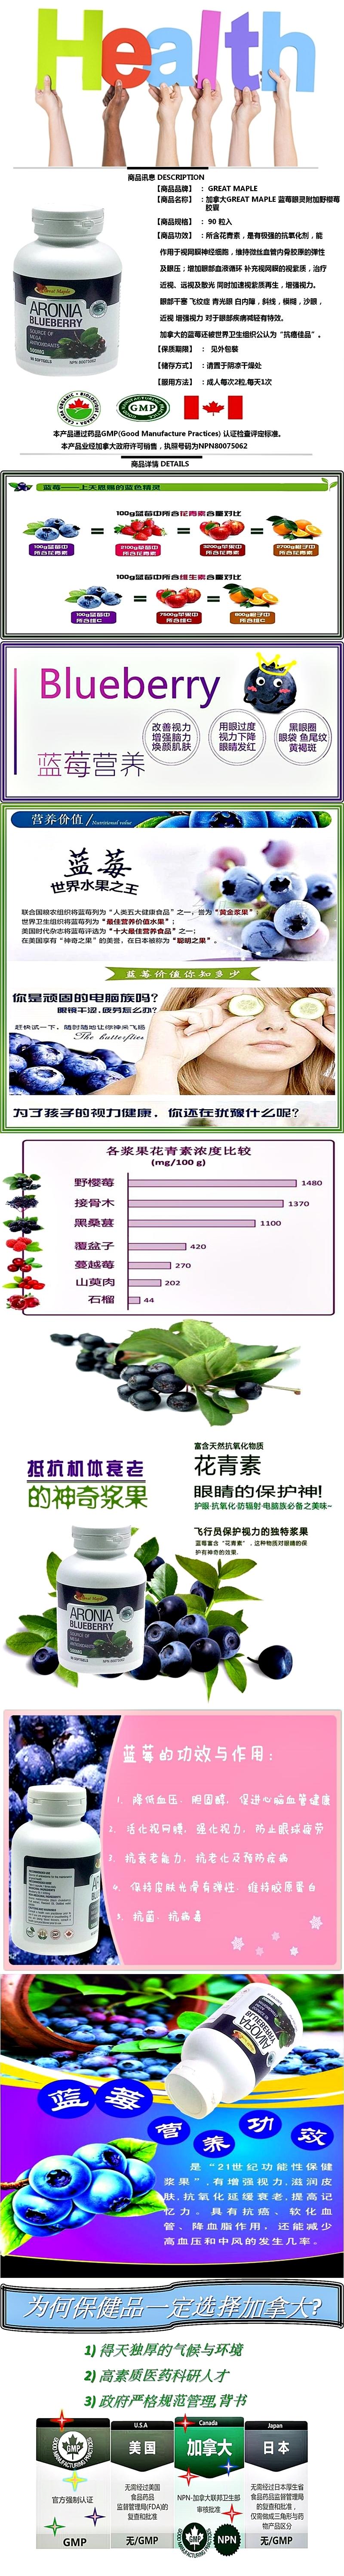 1necs014408-1-vert.jpg